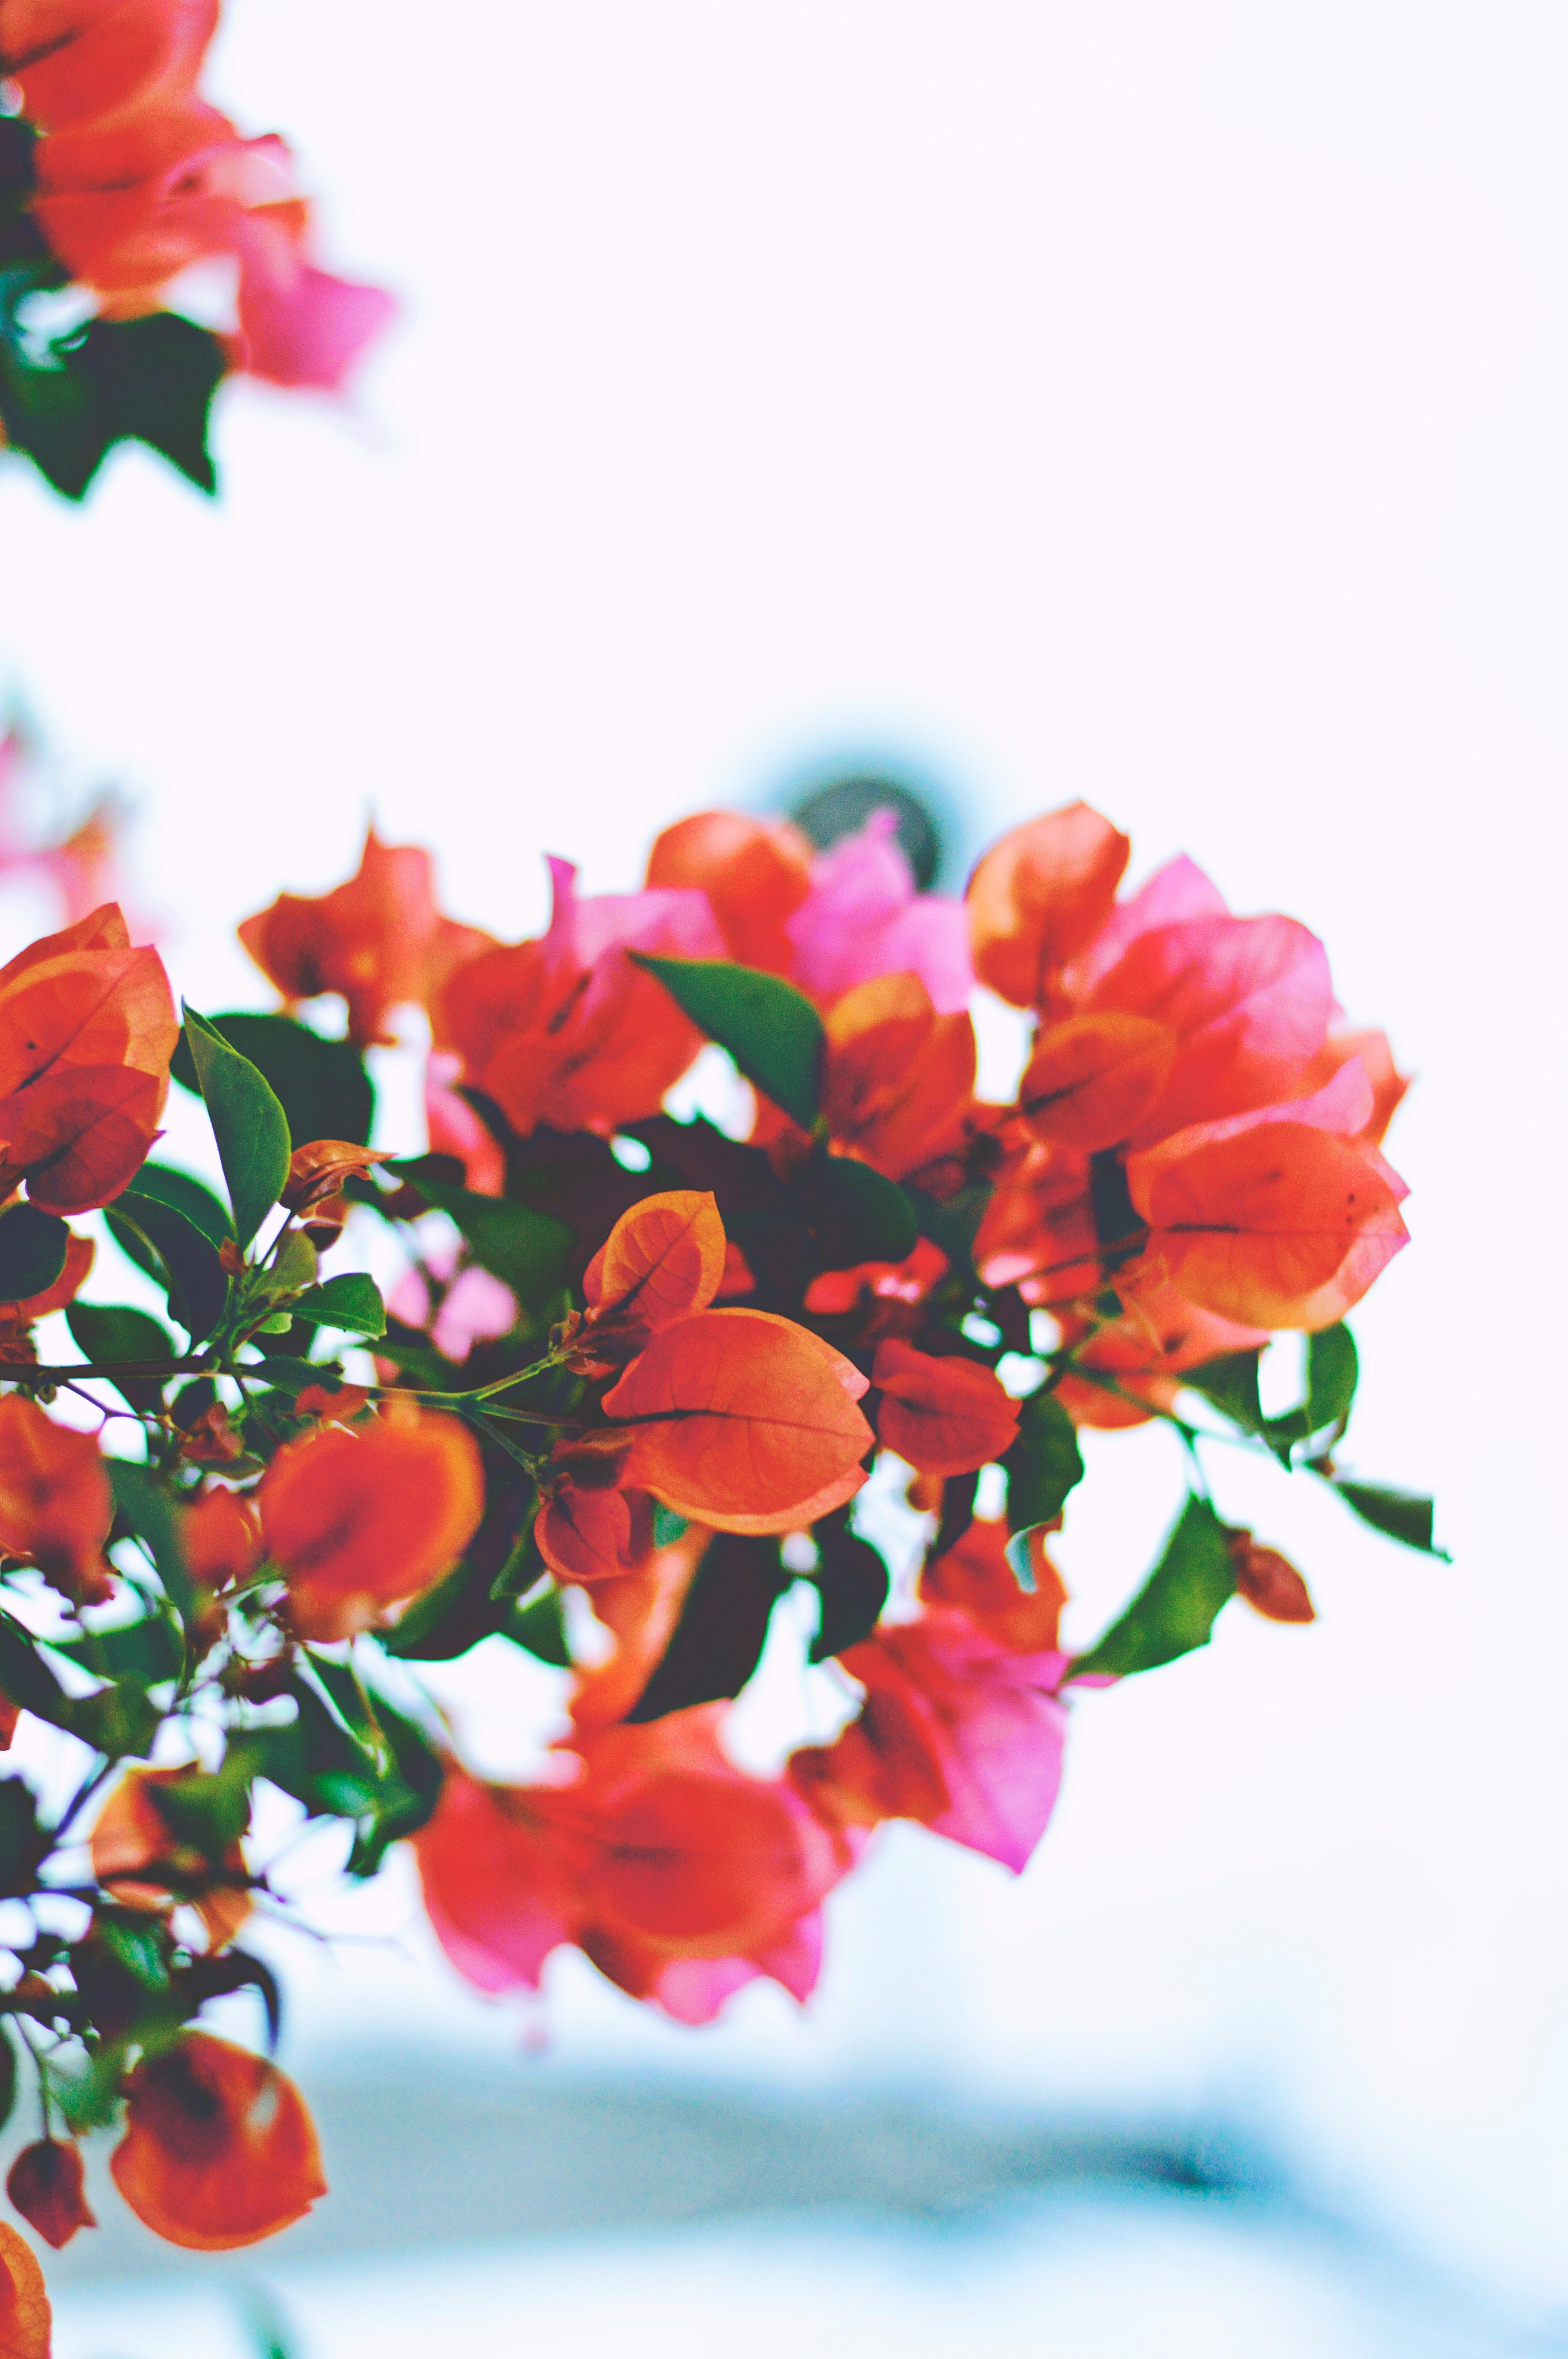 Fotos gratis flor hoja p talo floral rojo flora - Cortar hierba alta ...